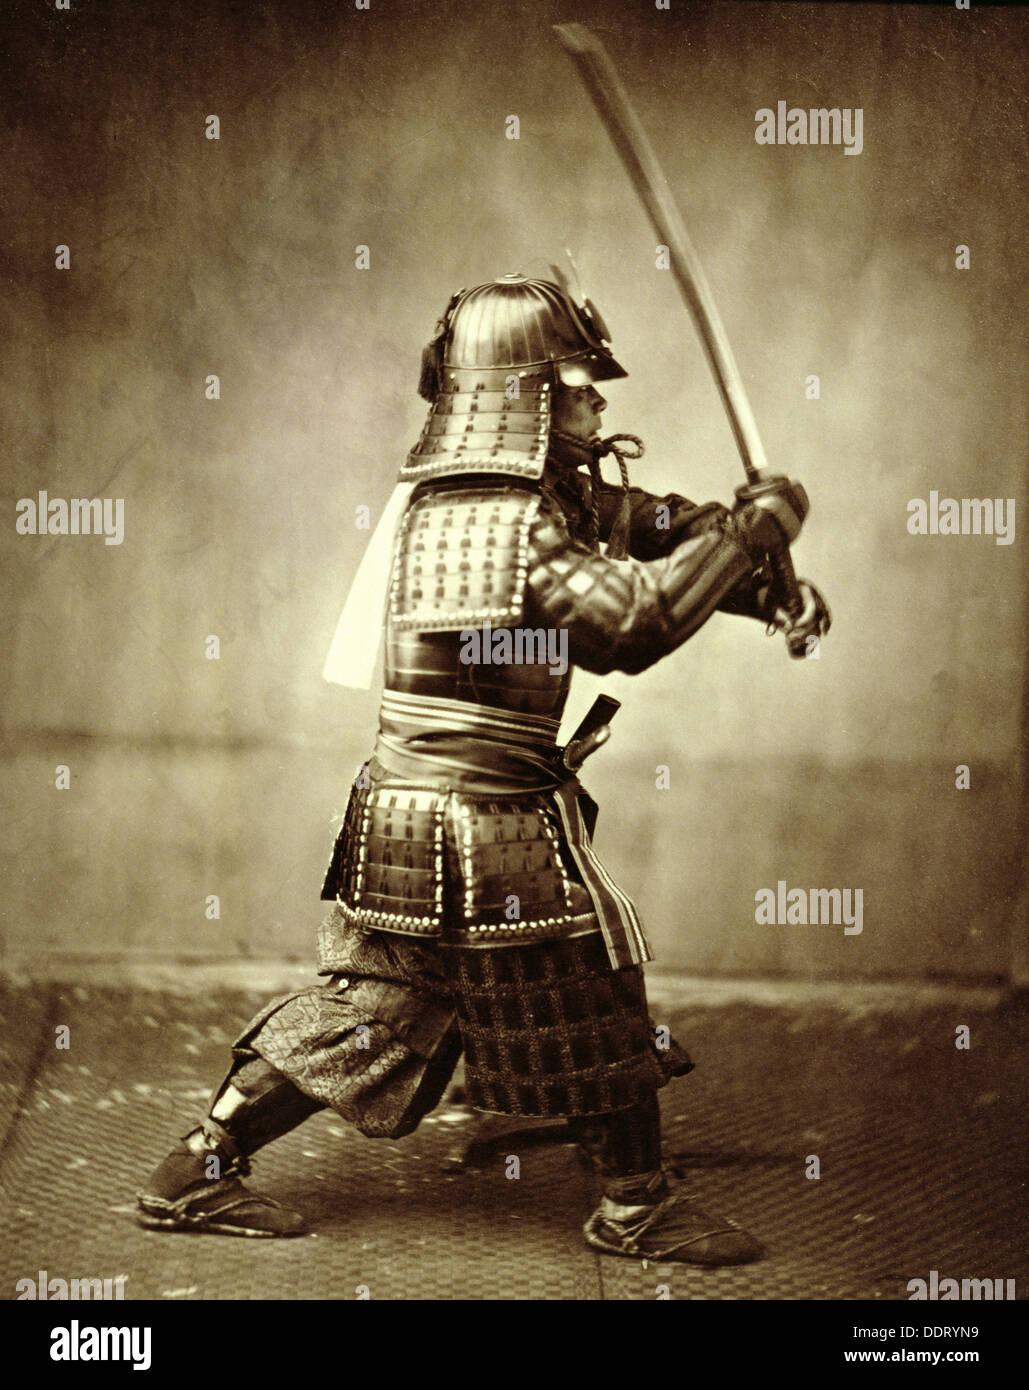 El Samurai con la espada levantada, c1860. Artista: Felice Beato Imagen De Stock